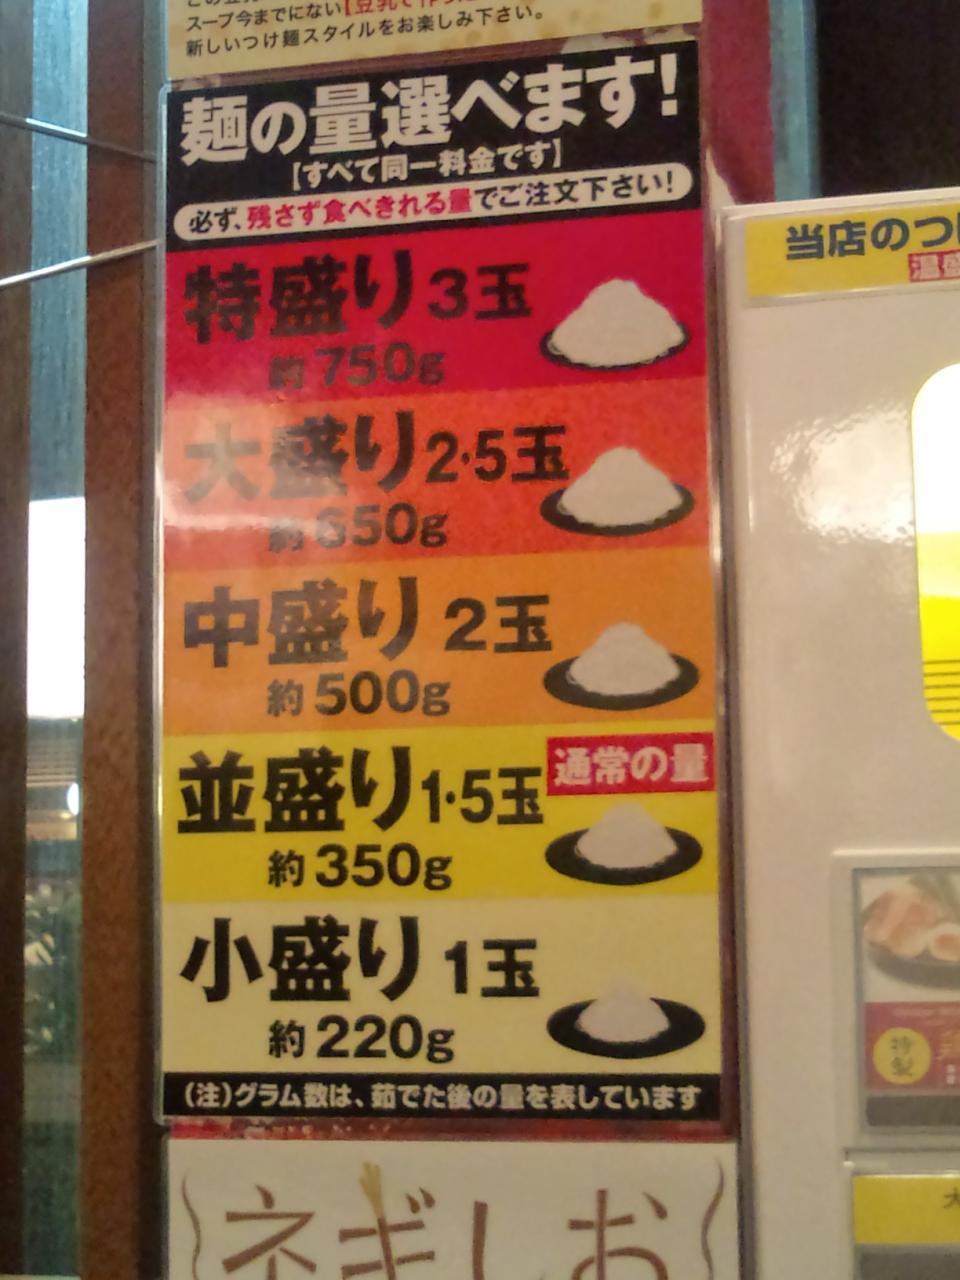 つけ麺大臣(食券)